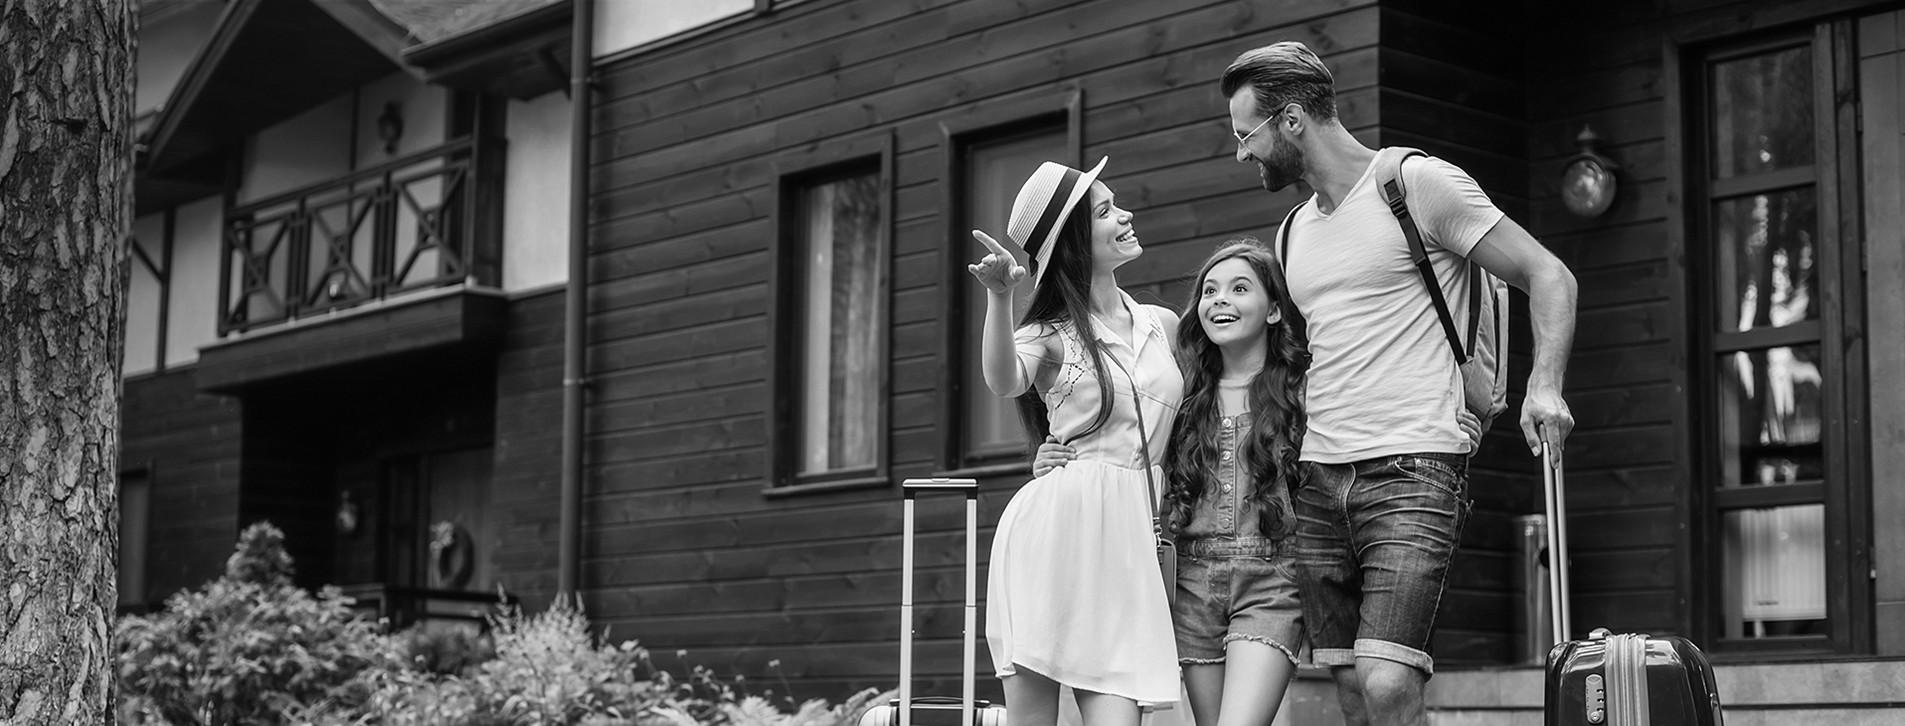 Фото 1 - Семейные SPA каникулы в Закарпатье